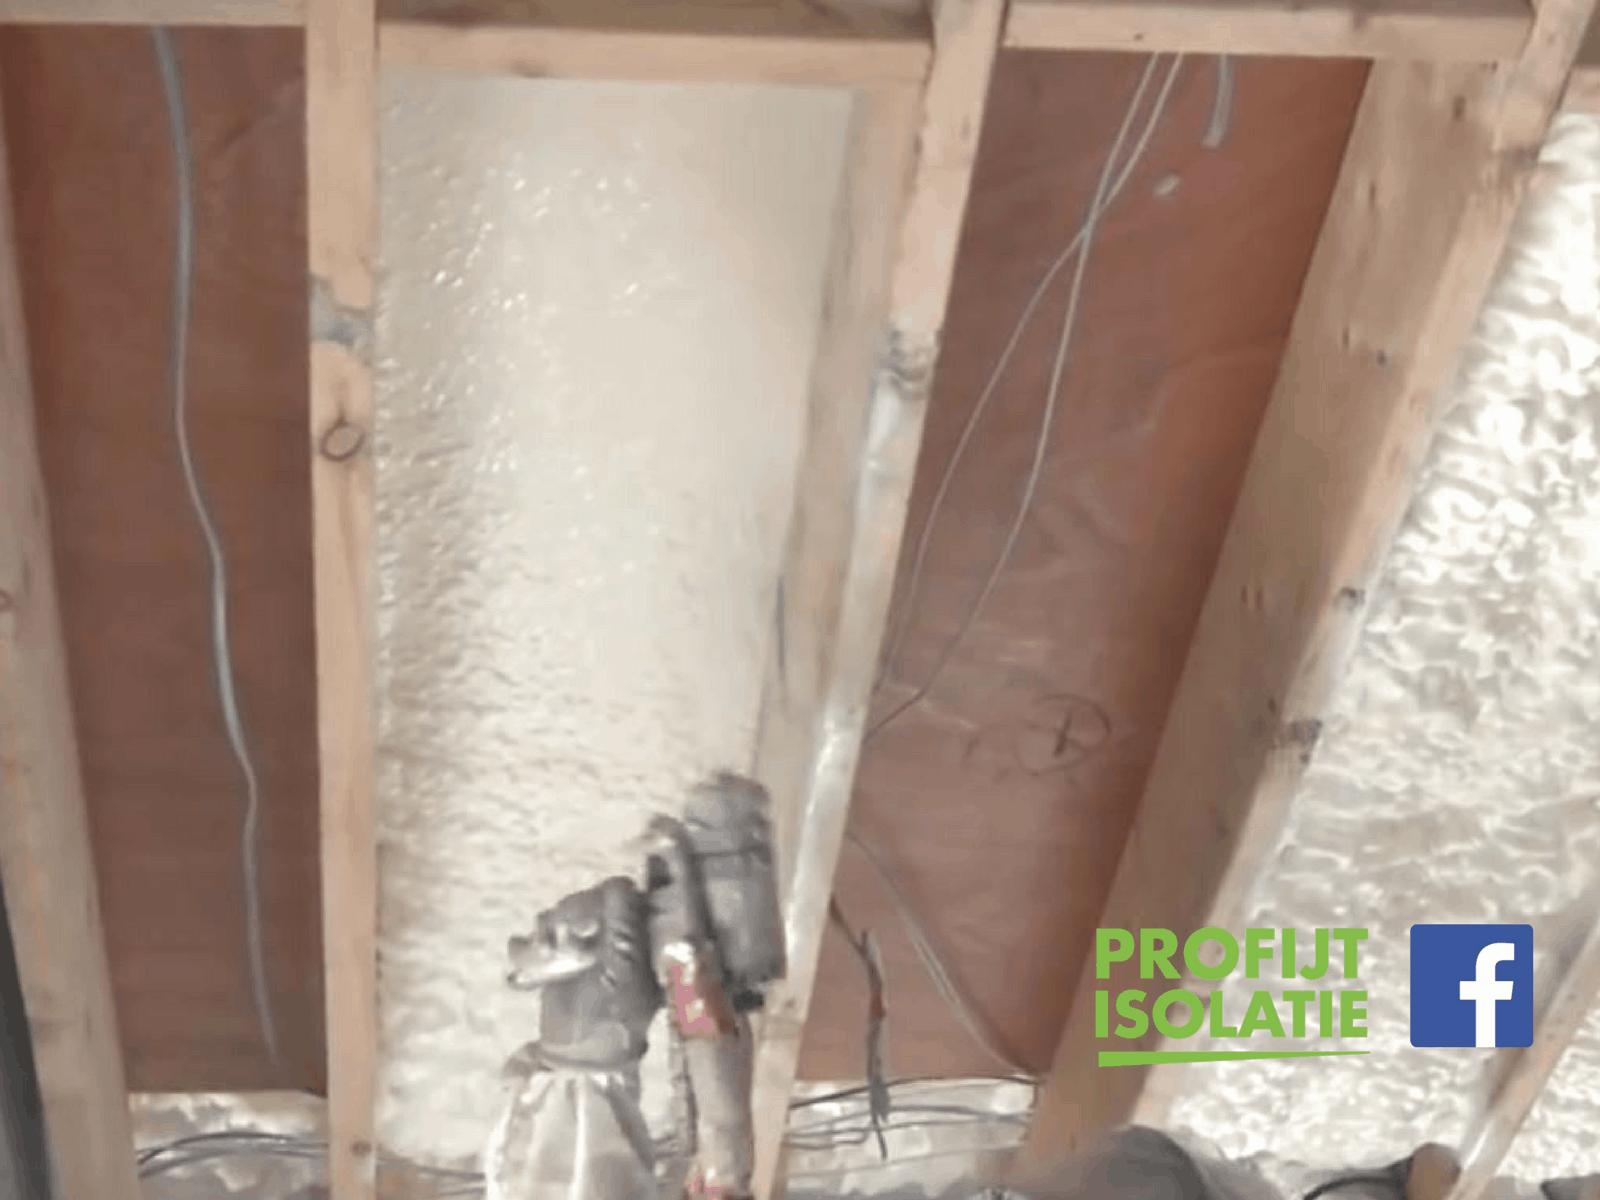 Vloerisolatie icynene bij een houten vloer video profijt